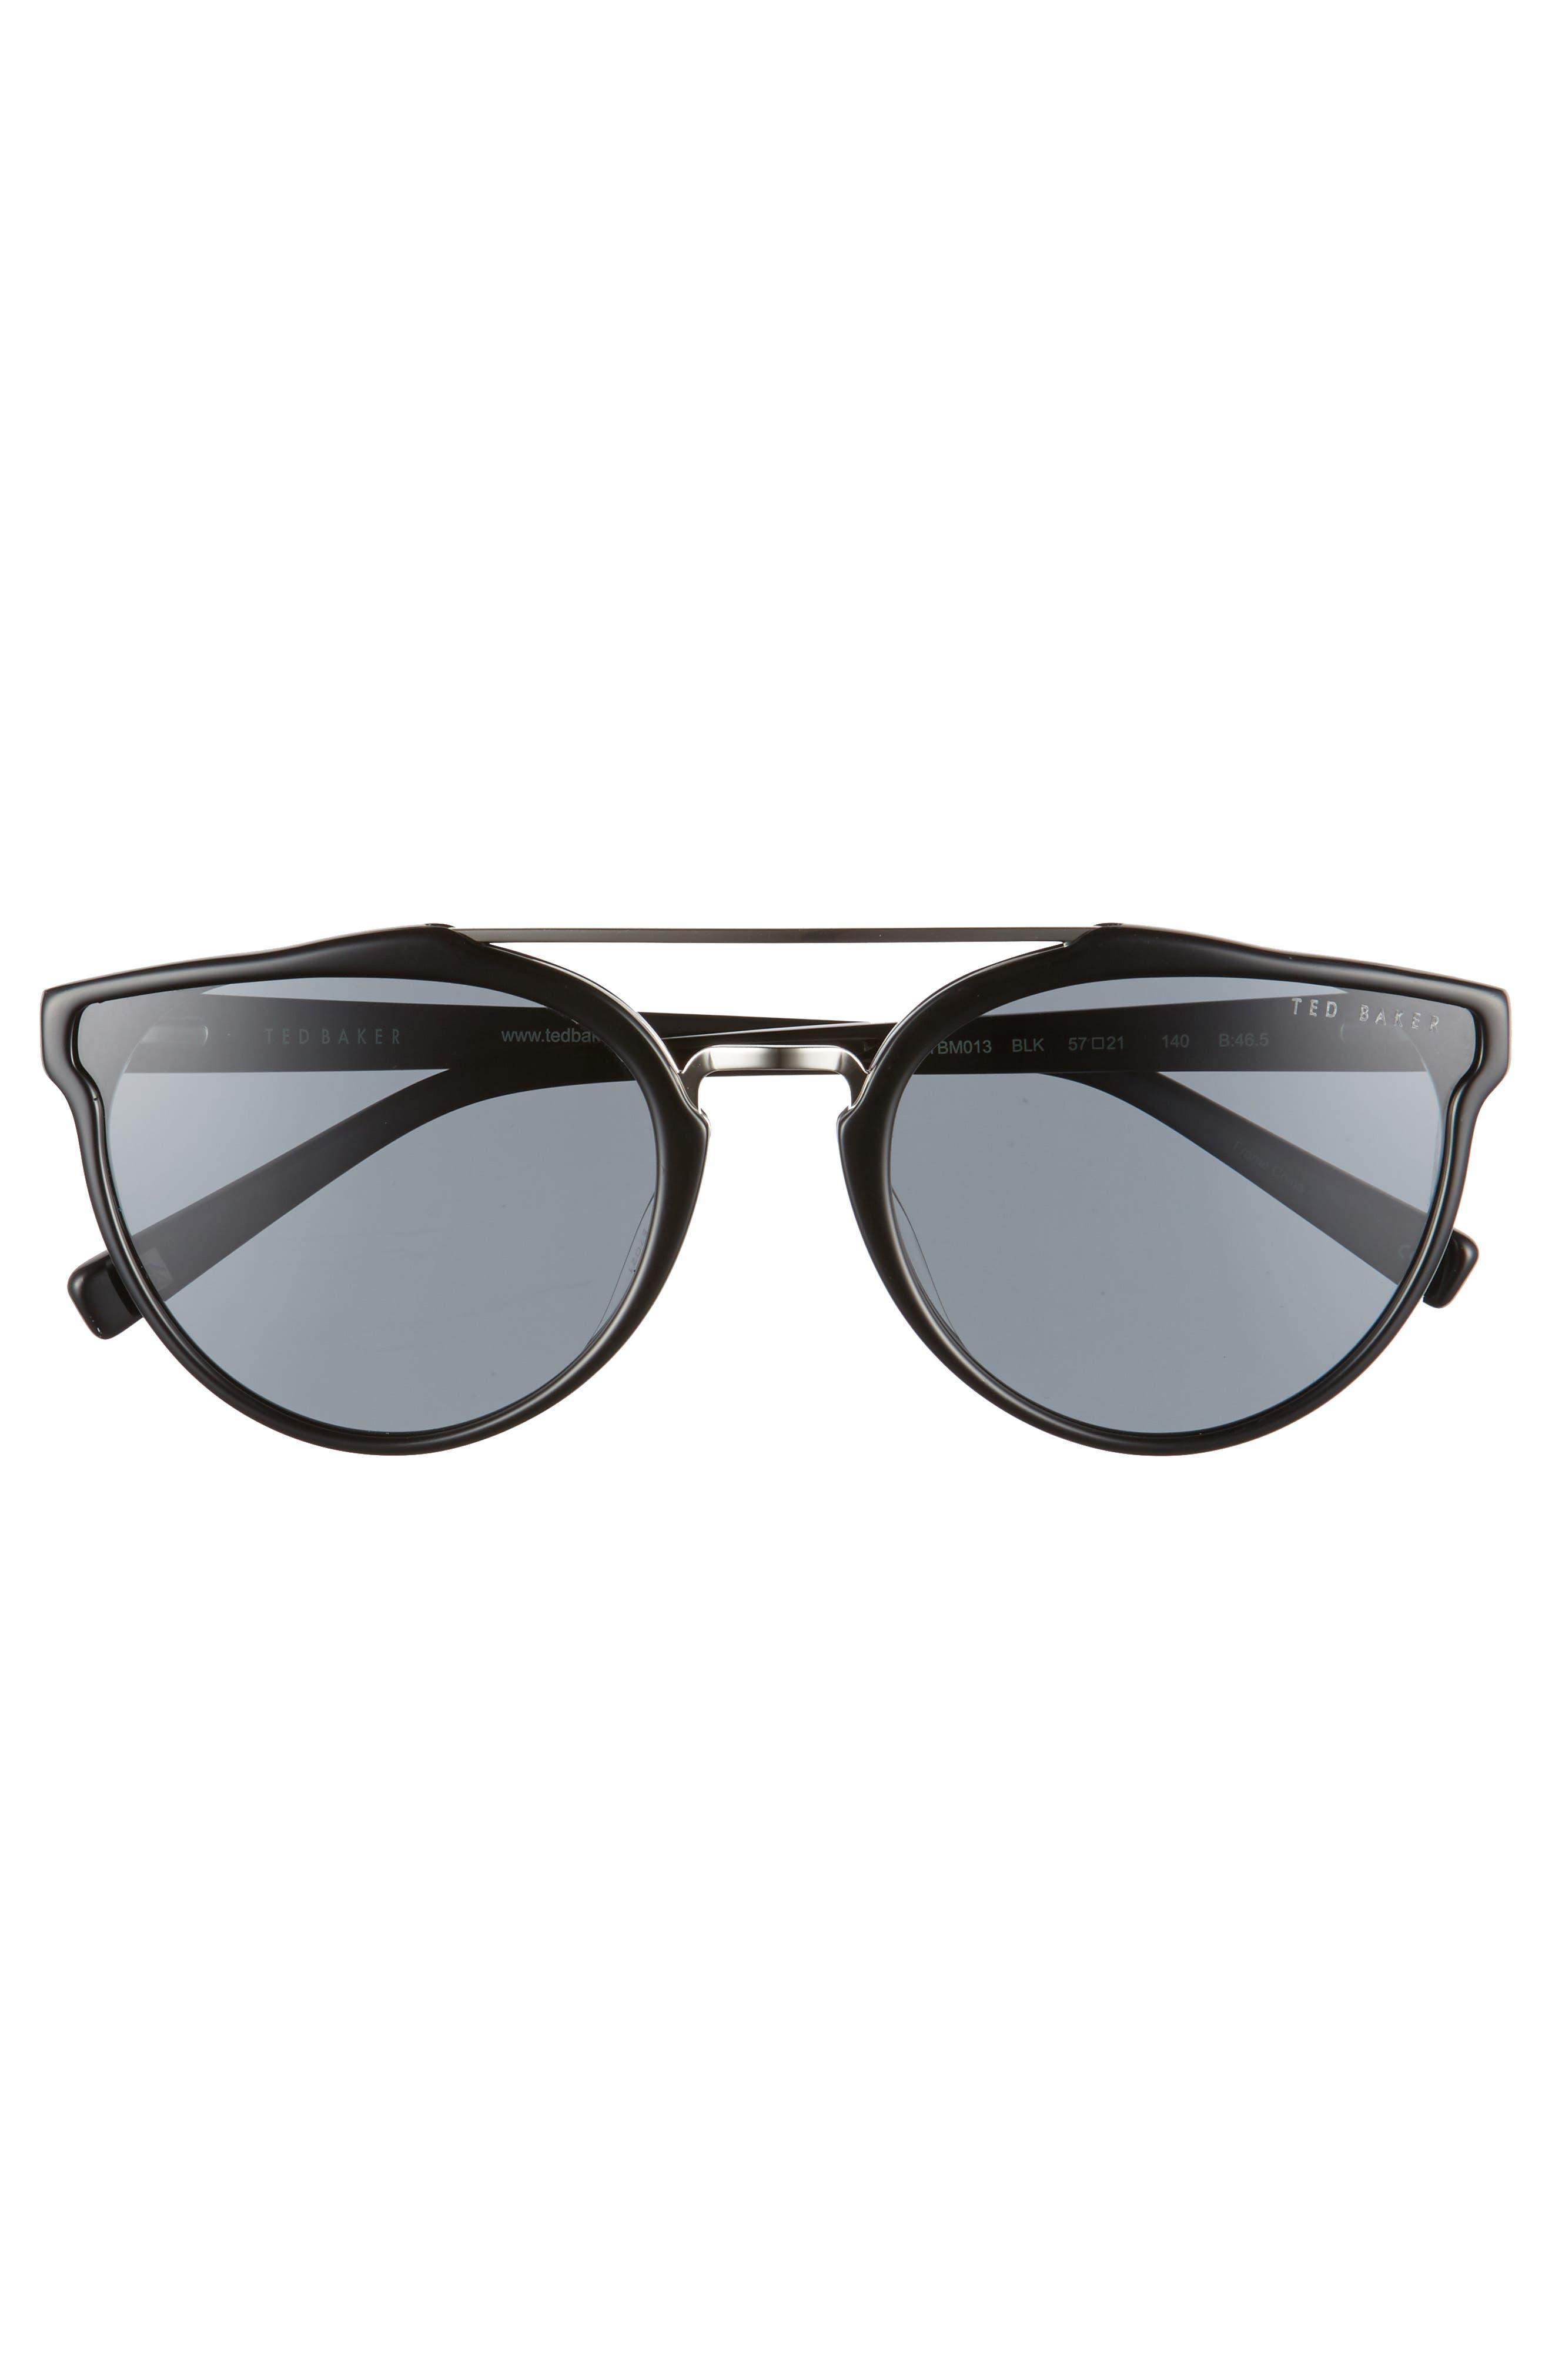 Retro 57mm Polarized Sunglasses,                             Alternate thumbnail 2, color,                             Black